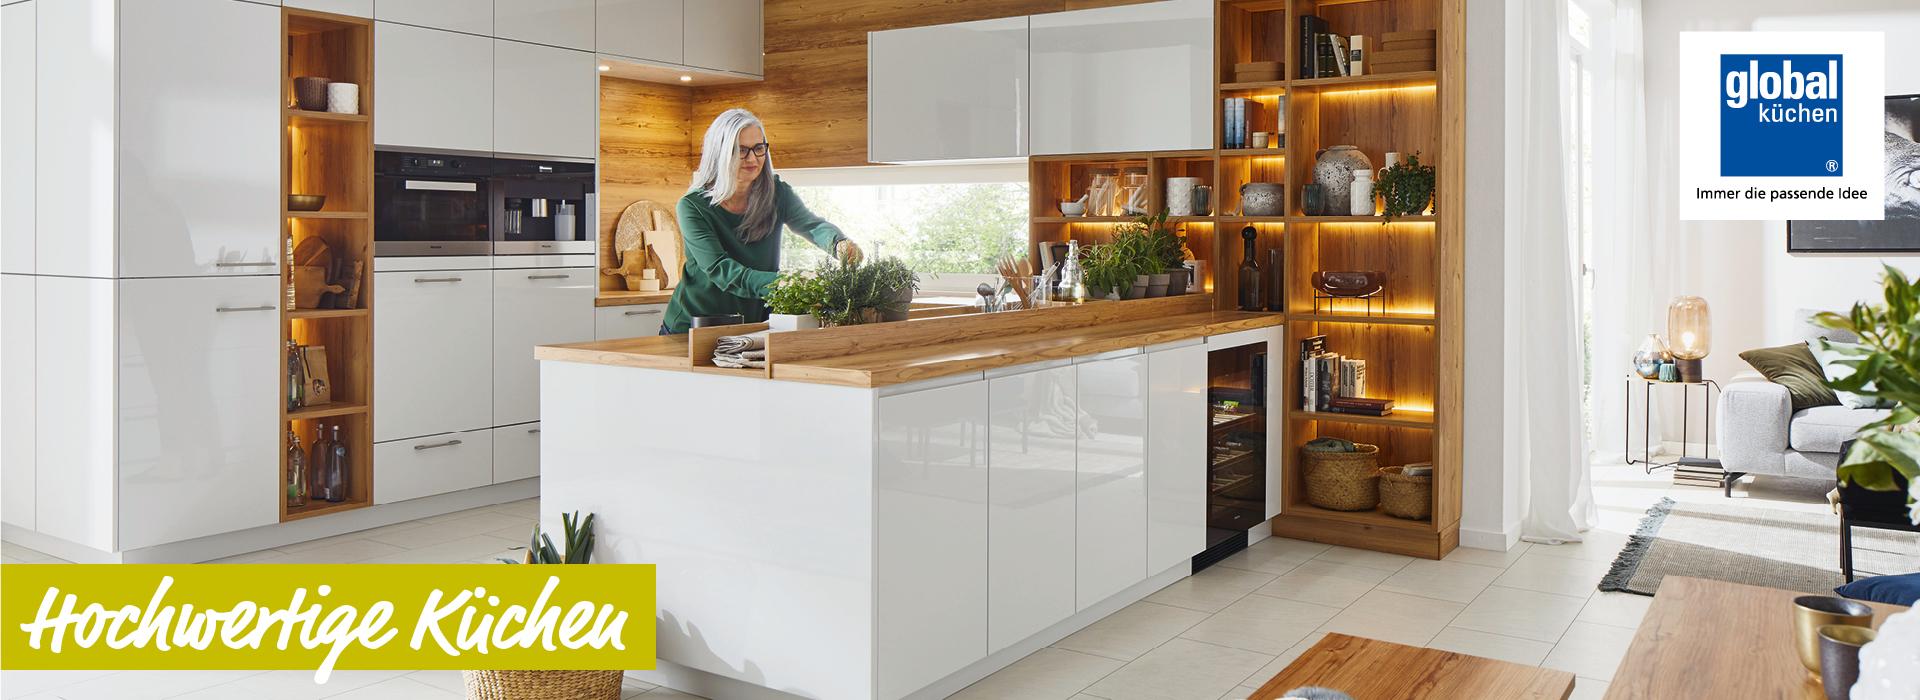 Full Size of Küchen Ideen Wohnzimmer Tapeten Bad Renovieren Regal Wohnzimmer Küchen Ideen